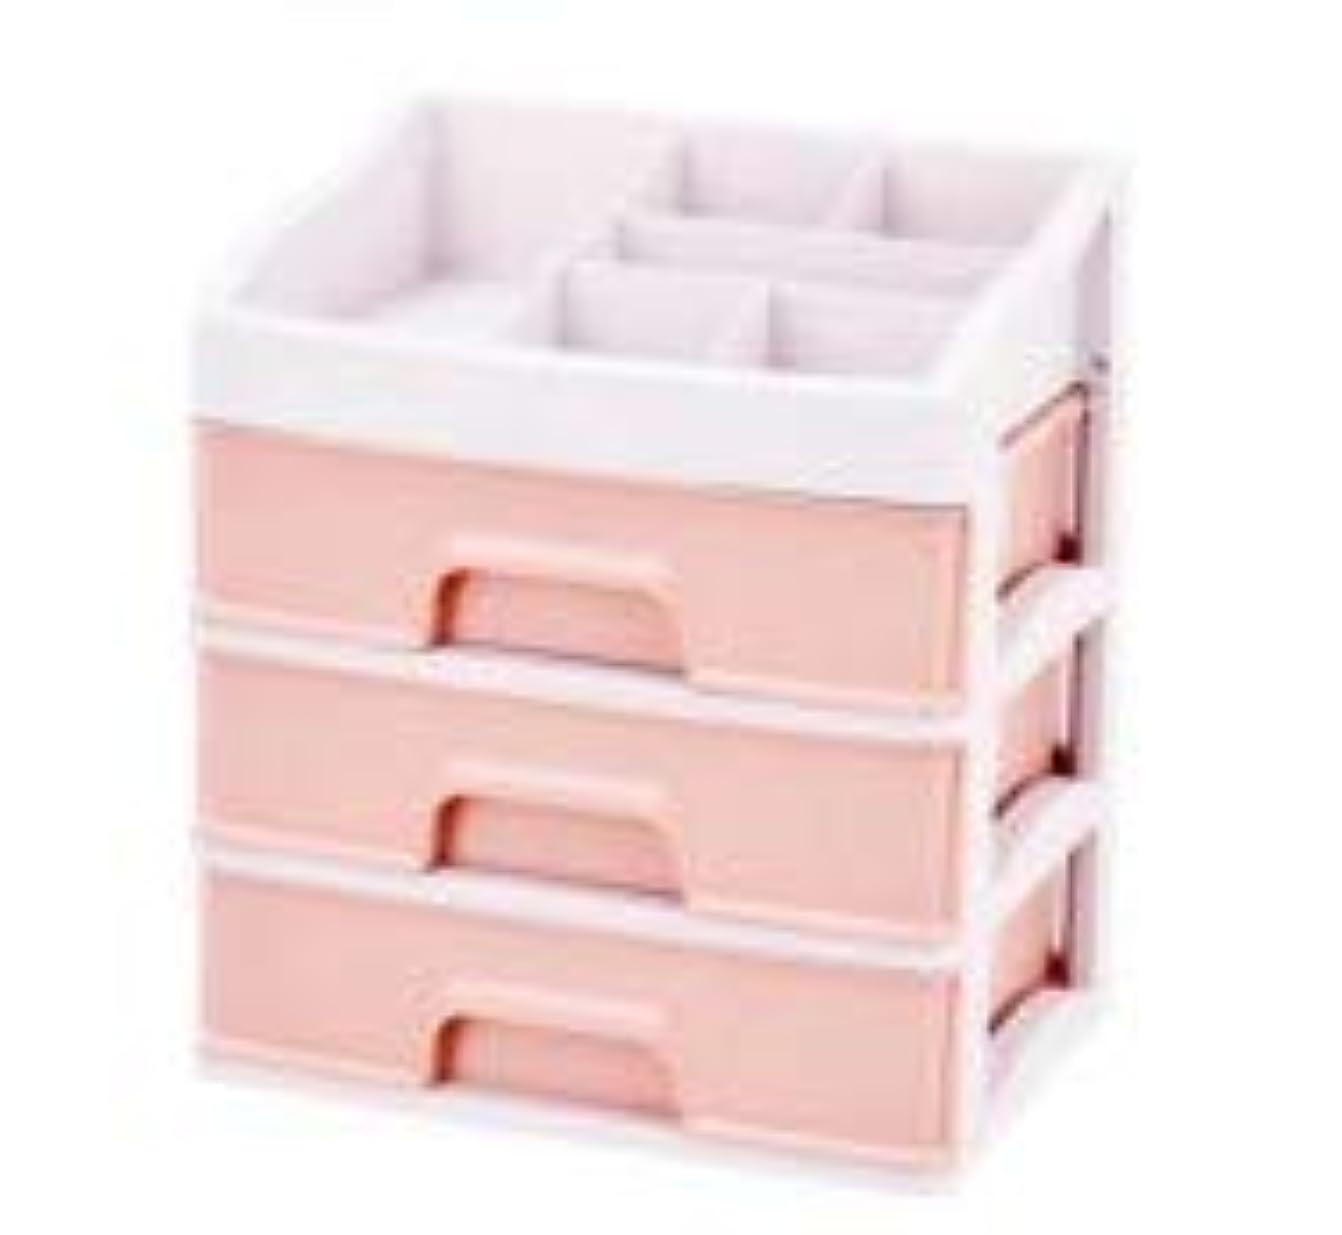 崩壊口ひげ穏やかな化粧品収納ボックス引き出しデスクトップ収納ラック化粧台化粧品ケーススキンケア製品 (Size : L)